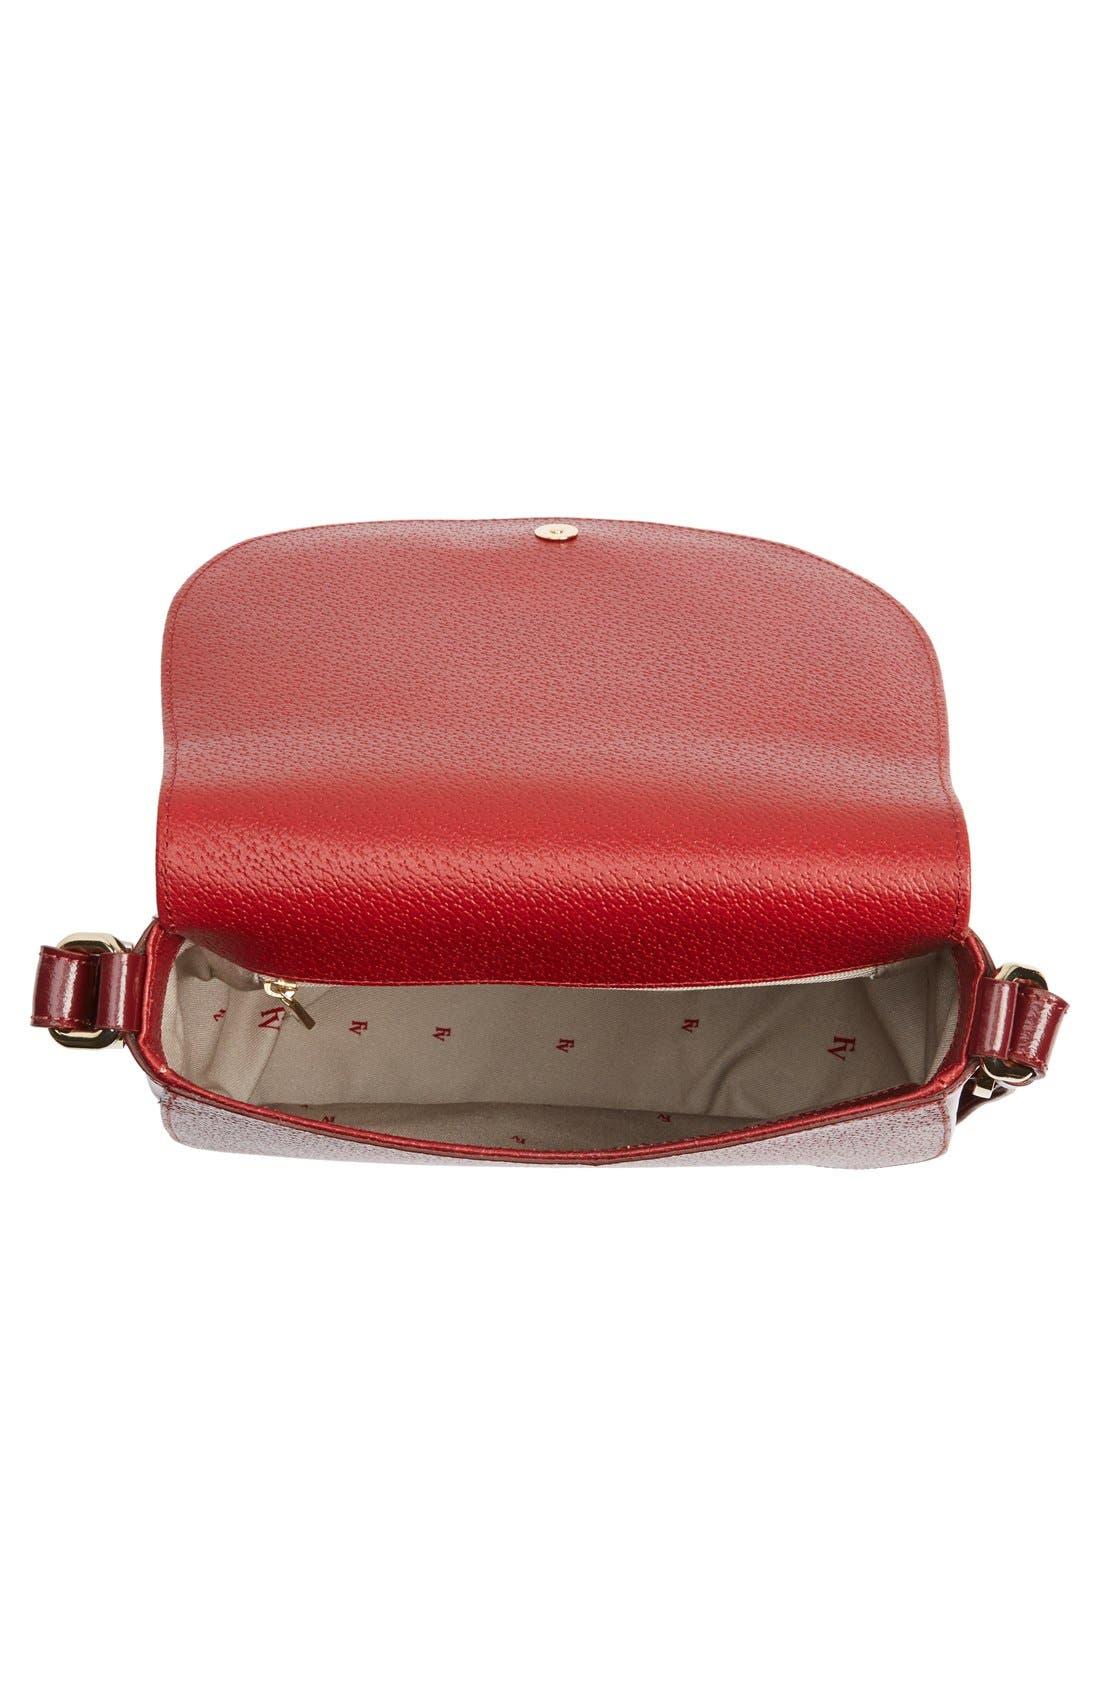 Alternate Image 3  - Frances Valentine 'Small Ellen' Leather Shoulder Bag